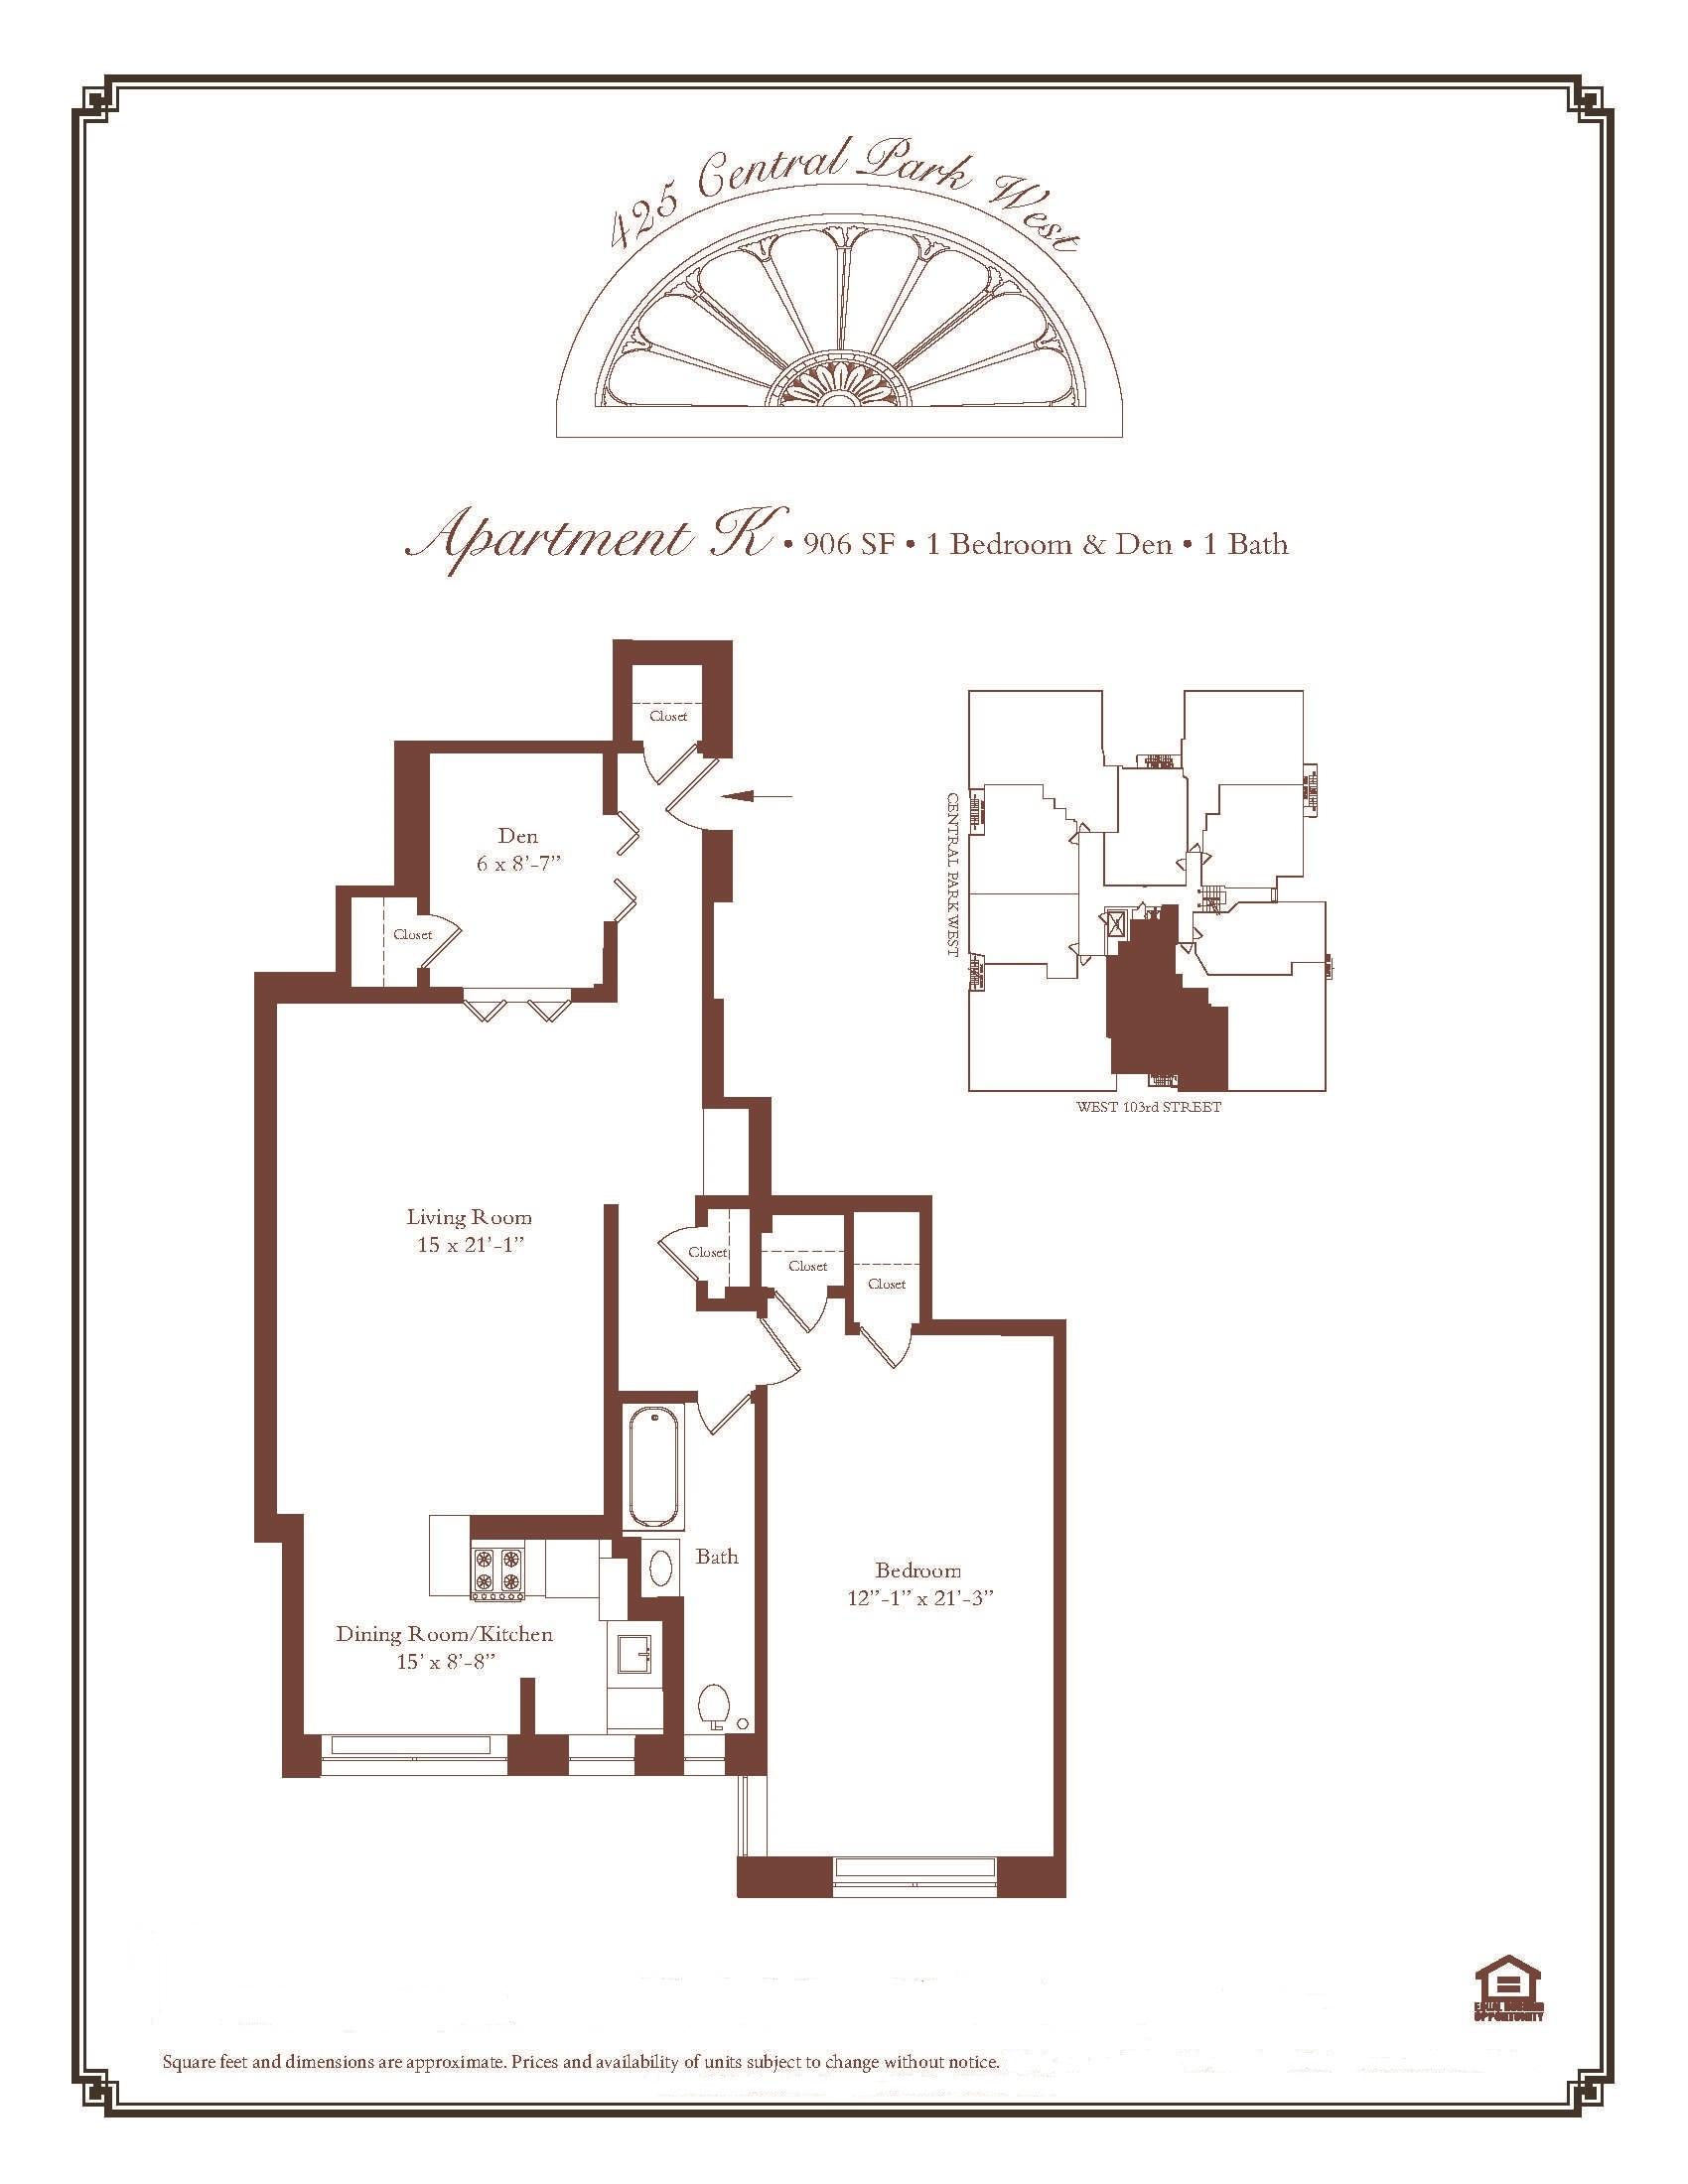 425 Central Park West 3k Condo Apartment Rental In Manhattan Valley Manhattan Streeteasy